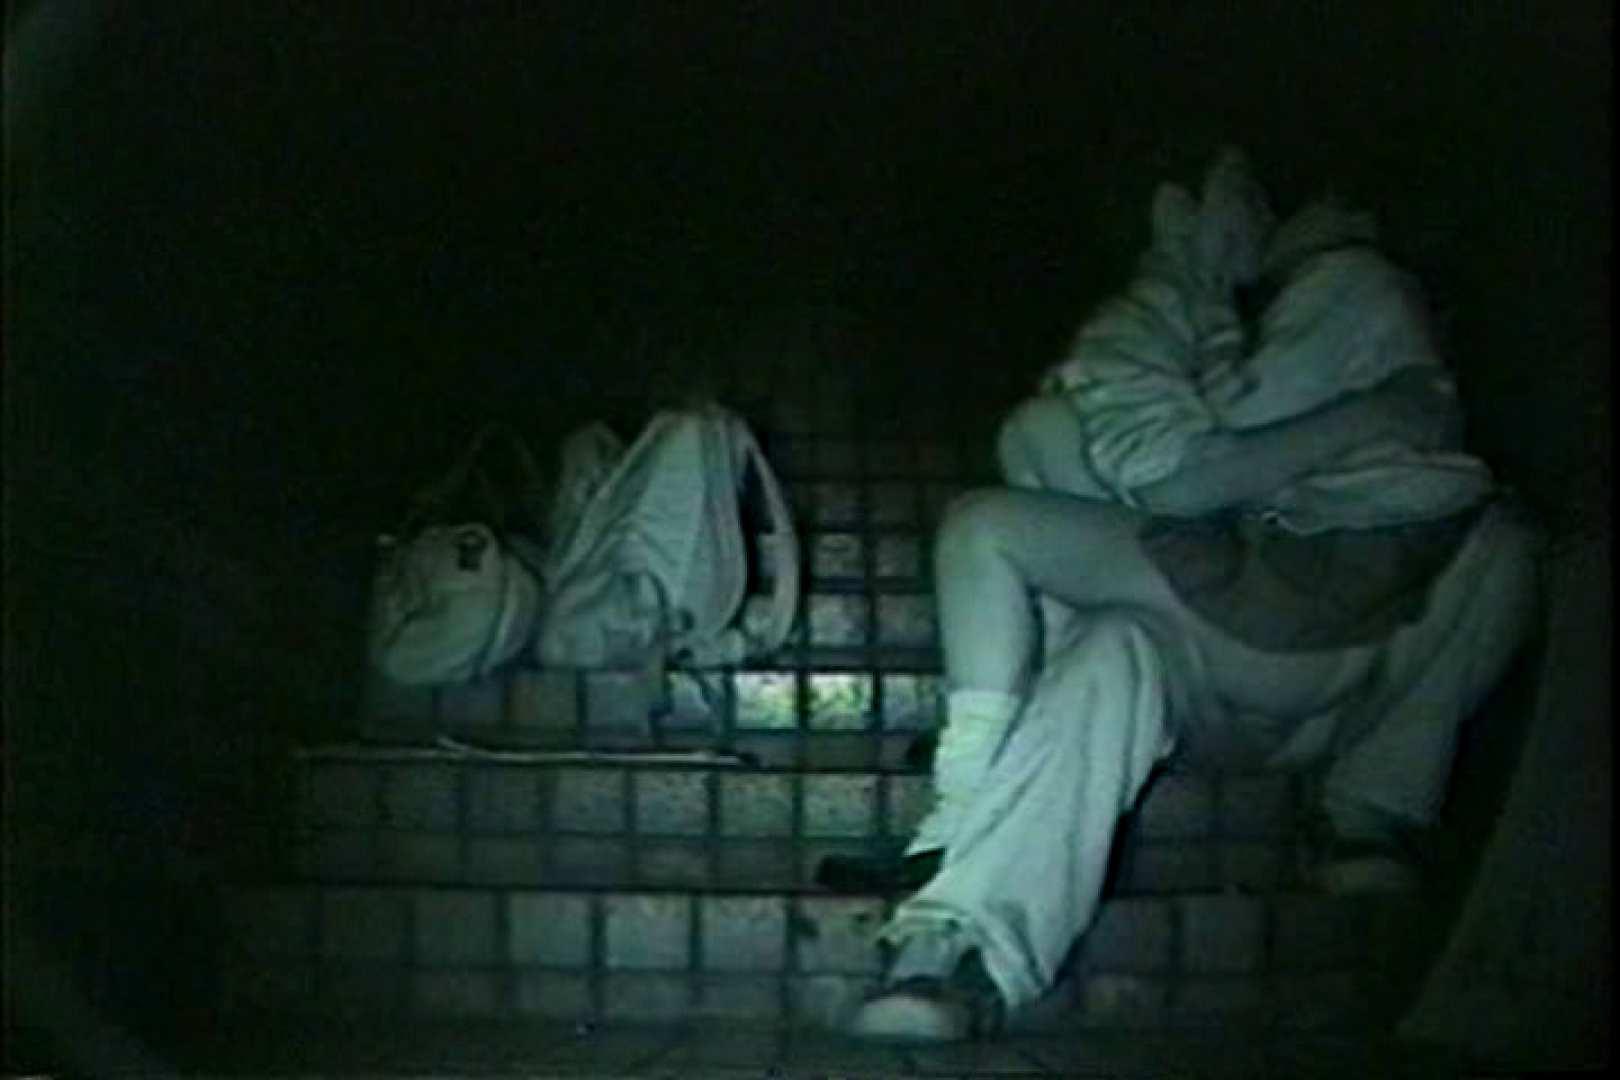 闇の仕掛け人 無修正版 Vol.17 セックス オマンコ動画キャプチャ 75PIX 41